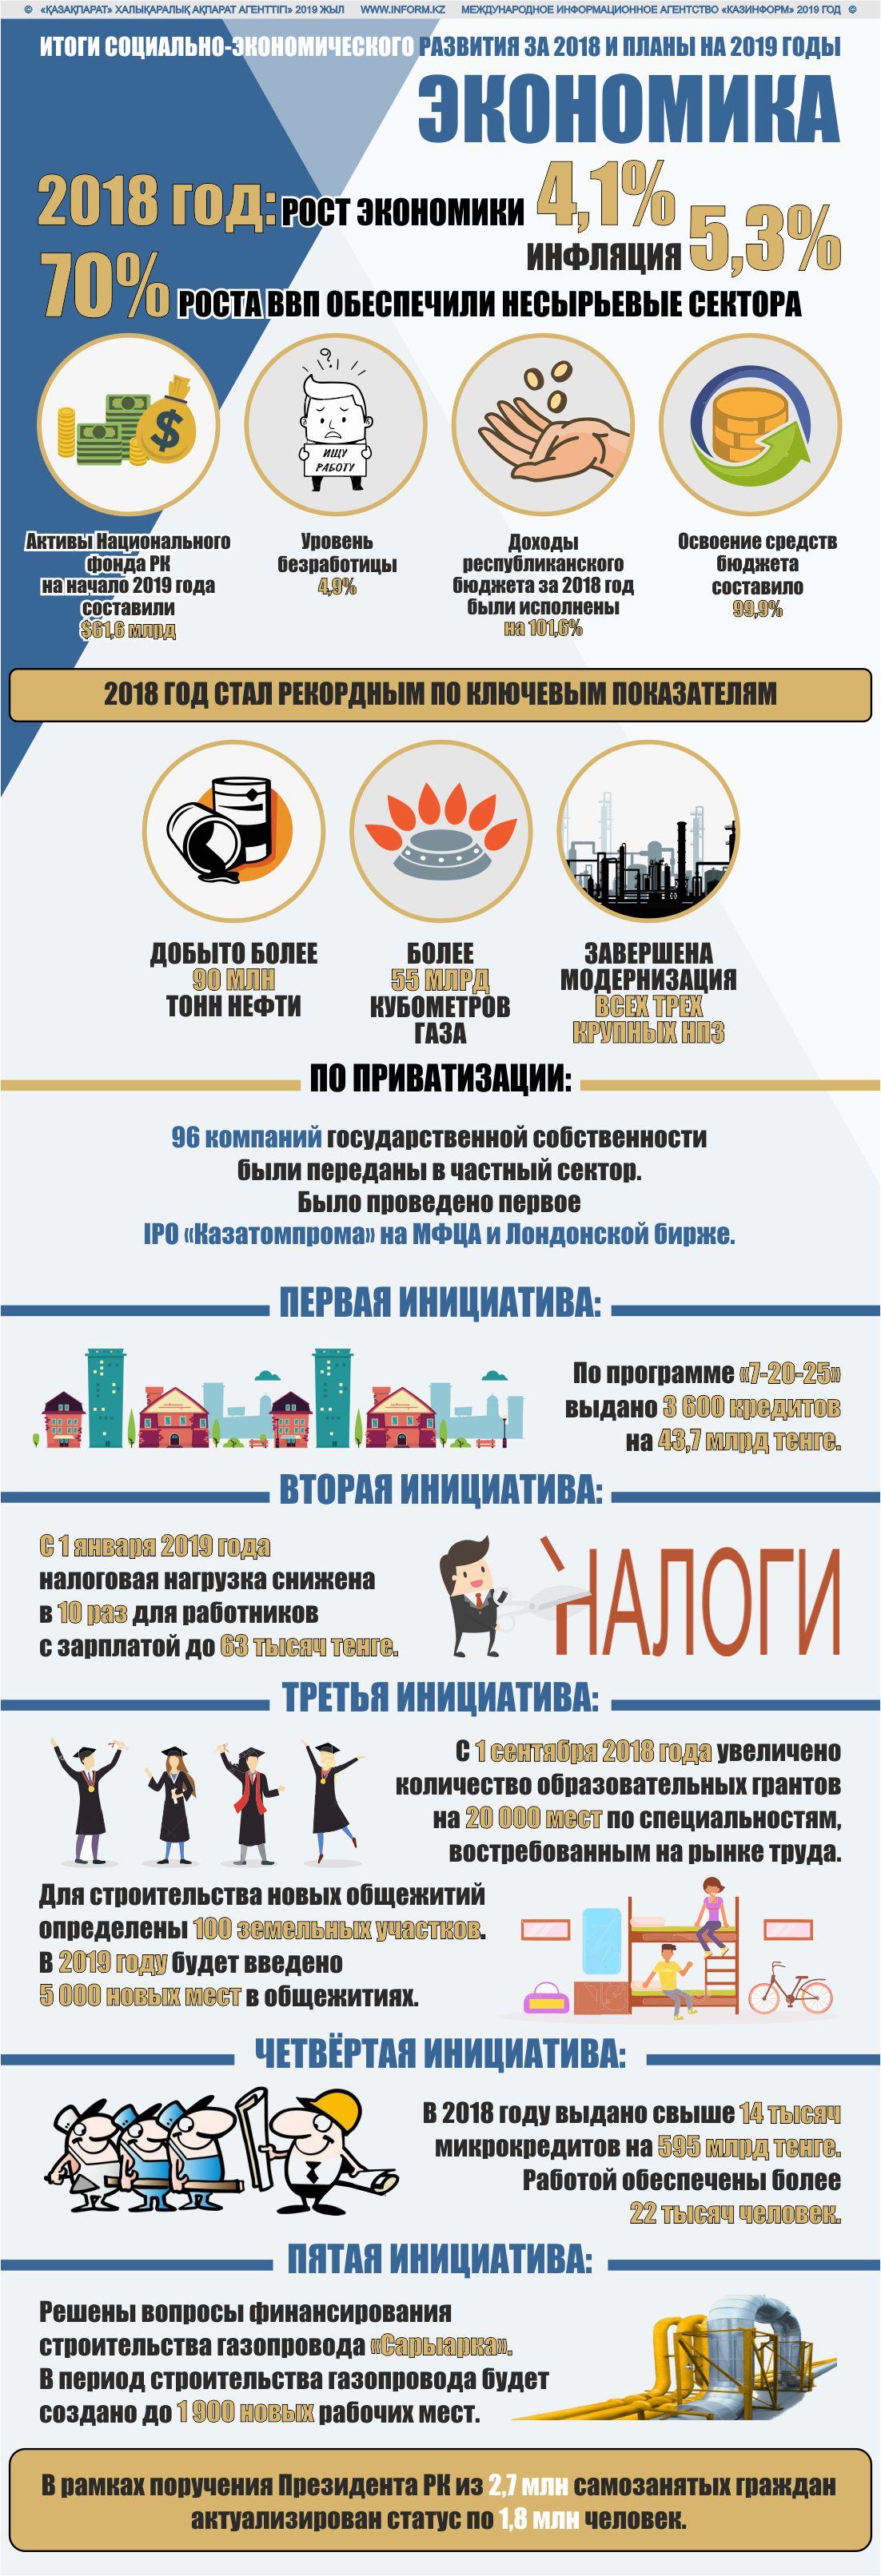 Итоги социально-экономического развития за 2018 и планы на 2019 годы. Экономика